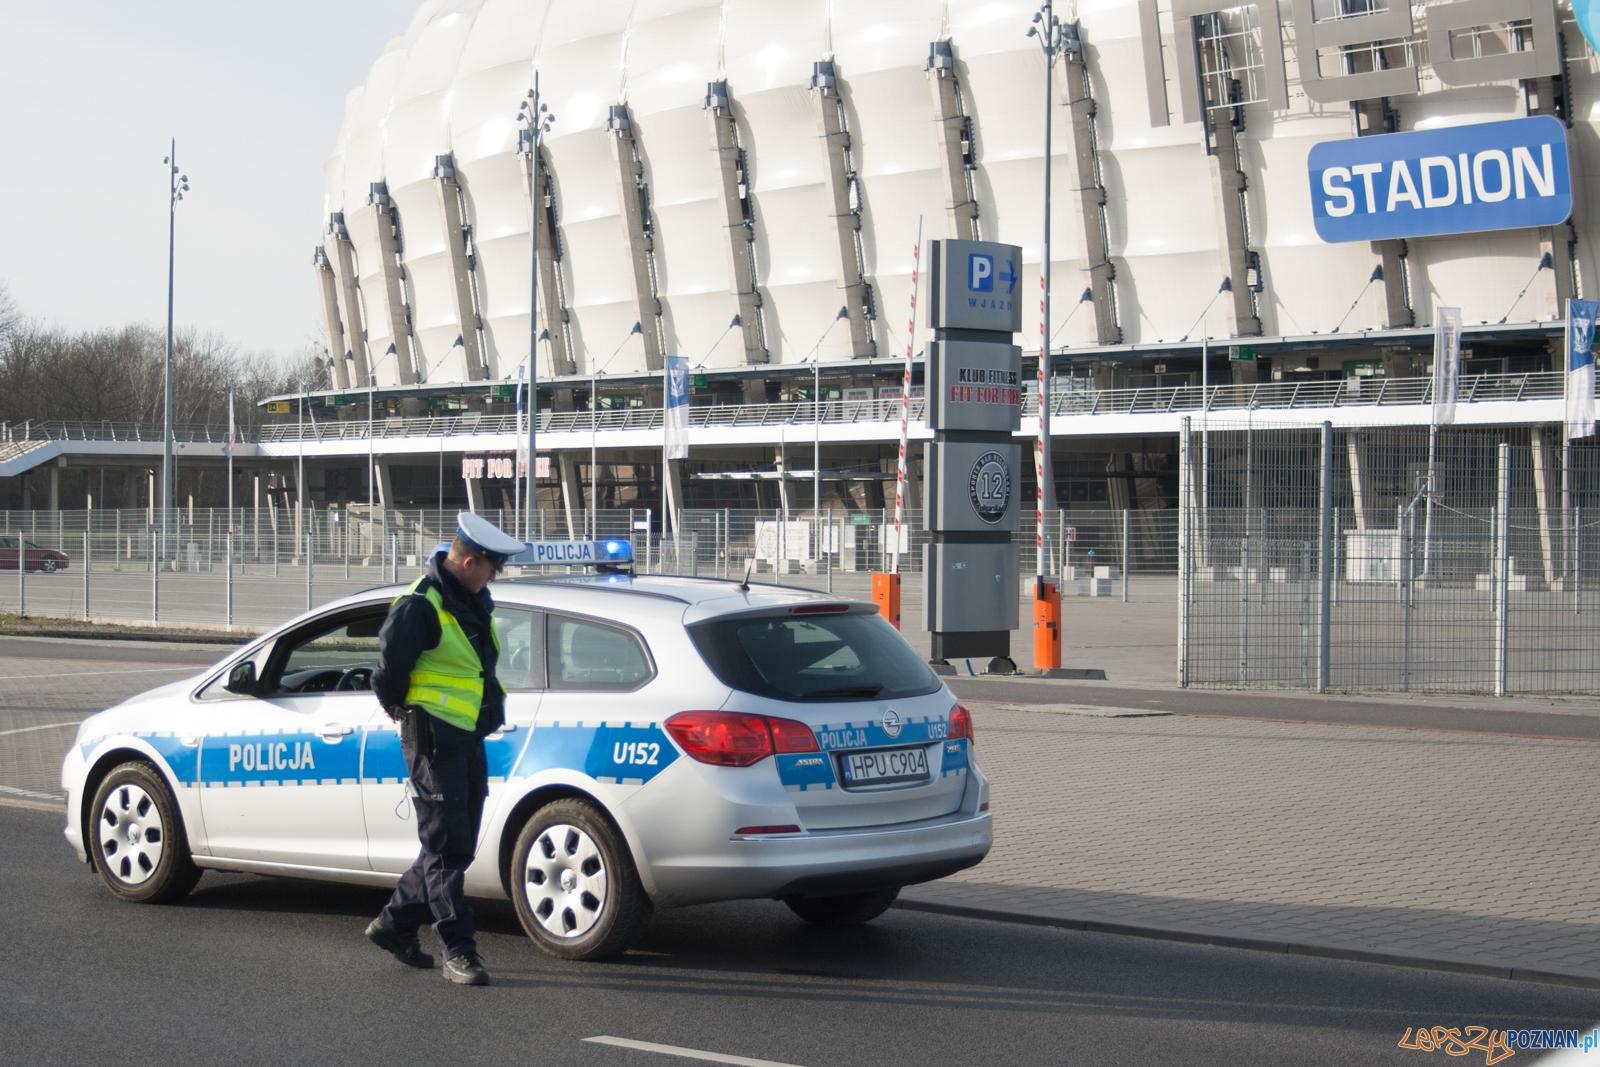 Policja przy Inea Stadionie / policjant / radiowóz  Foto: © lepszyPOZNAN.pl / Karolina Kiraga